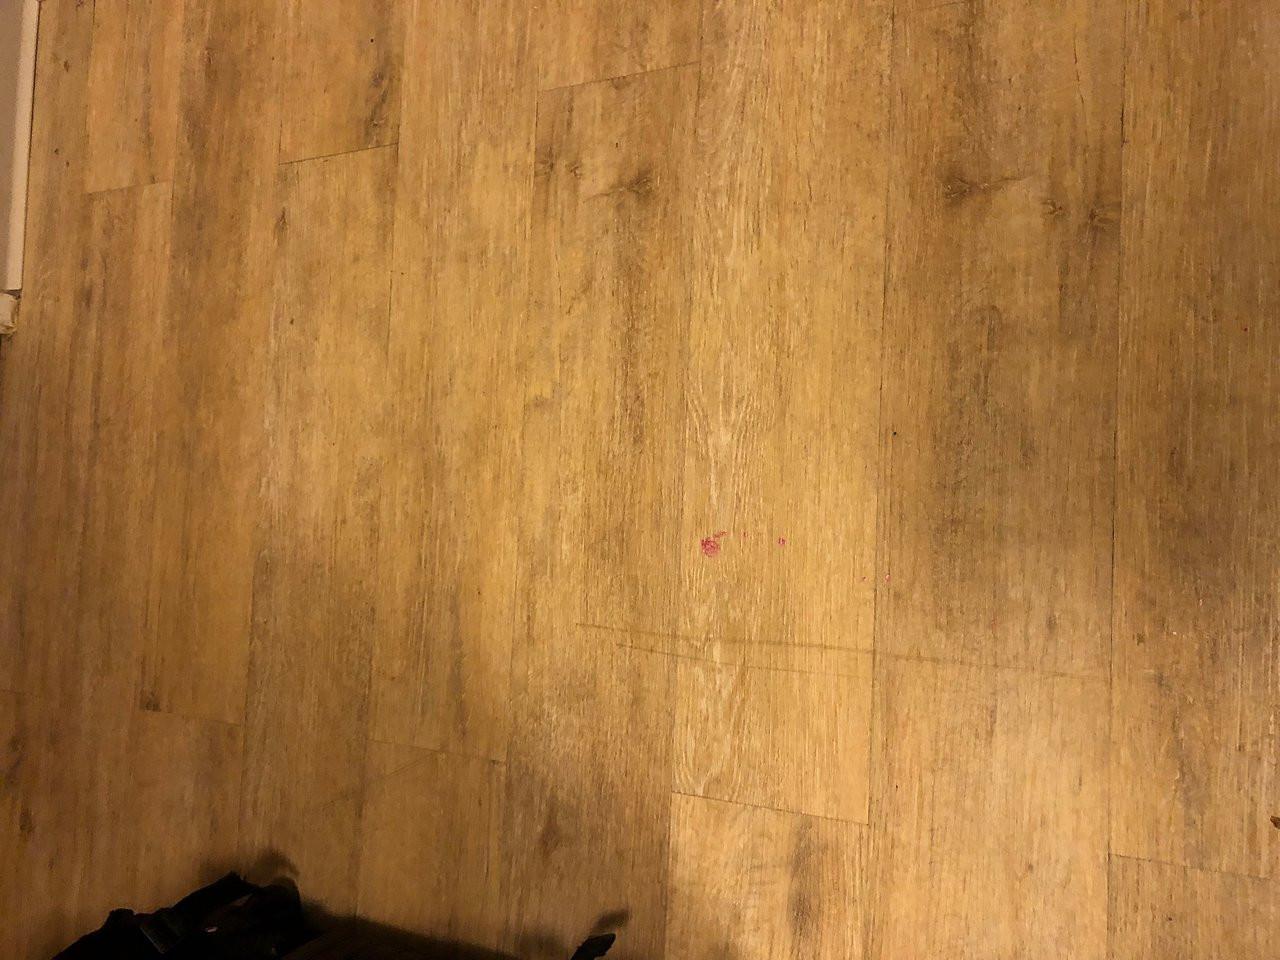 hardwood floor installation kalamazoo of holiday inn express irondequoit 93 i¶1i¶0i¶9i¶ updated 2018 prices with regard to holiday inn express irondequoit 93 i¶1i¶0i¶9i¶ updated 2018 prices hotel reviews ny tripadvisor